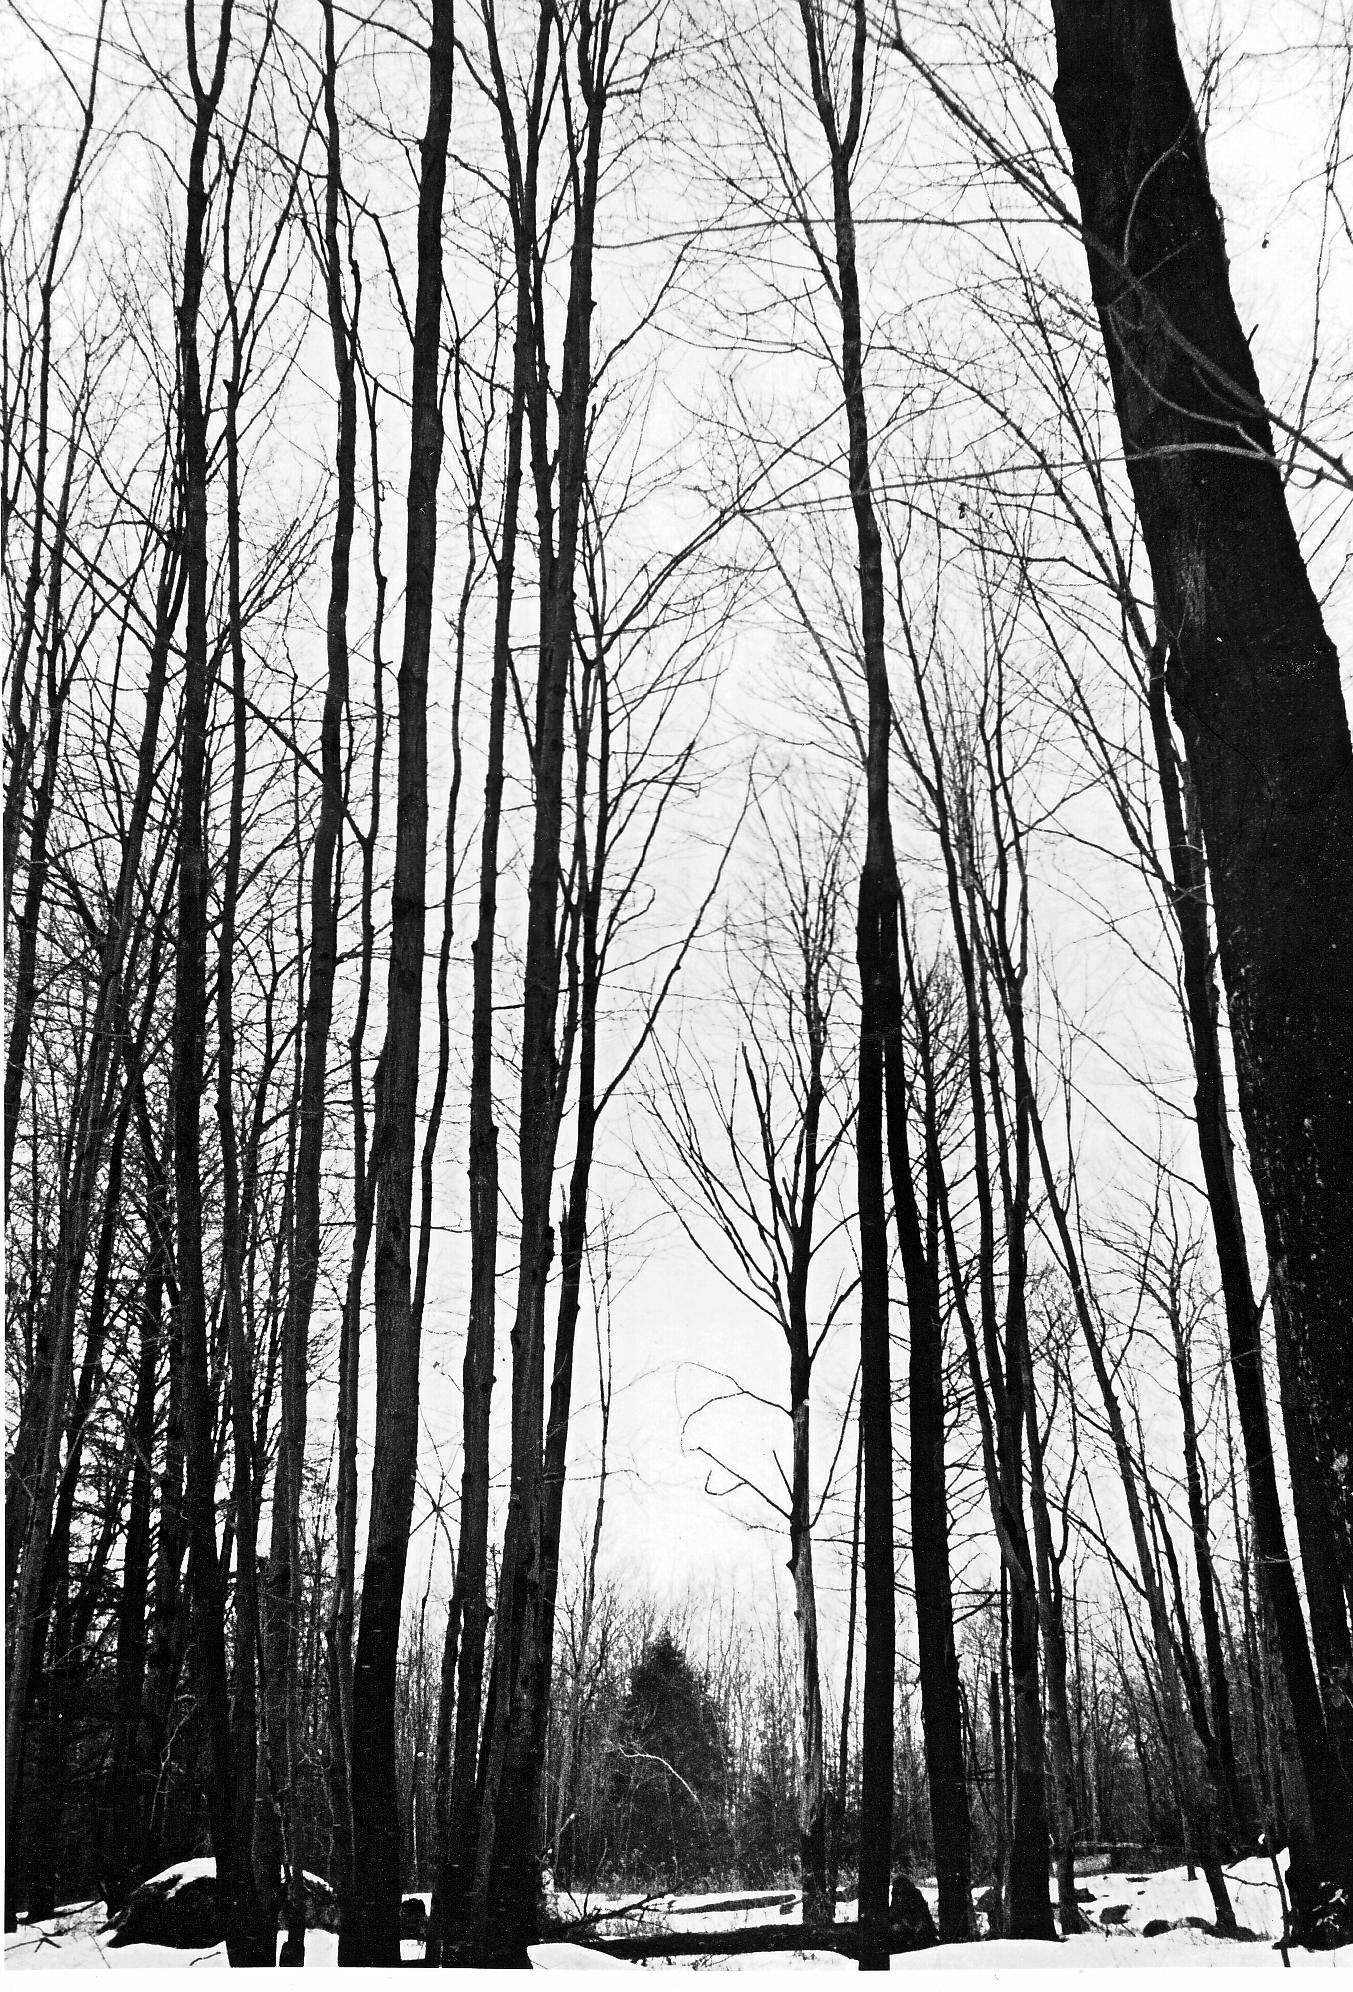 Forest Gap by ThatArtistFeller